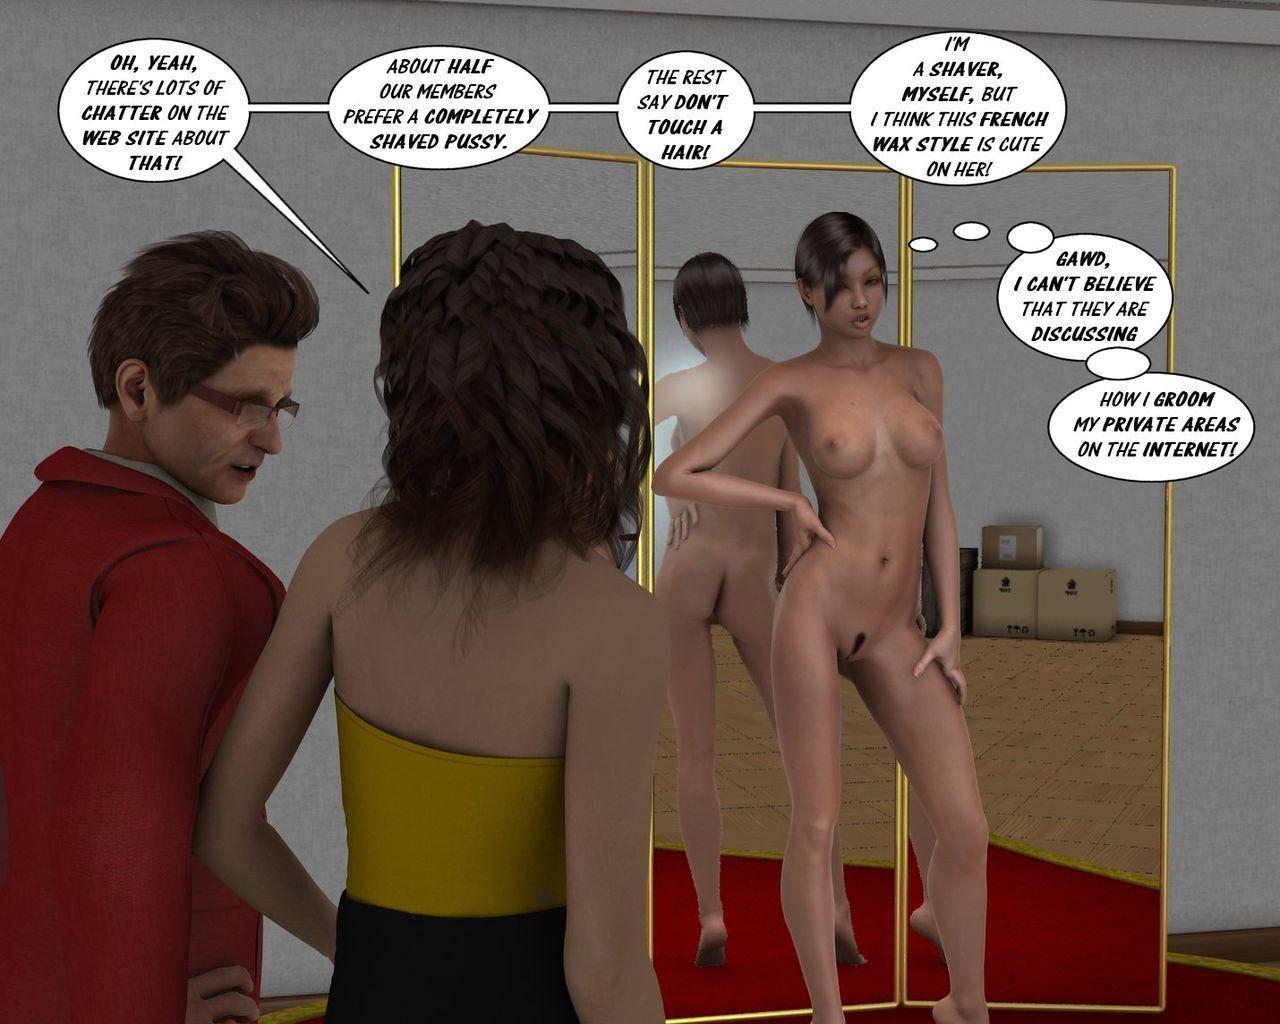 [Incipient] Zasie Internet Girl Ch. 4: Dressed To Win - part 2